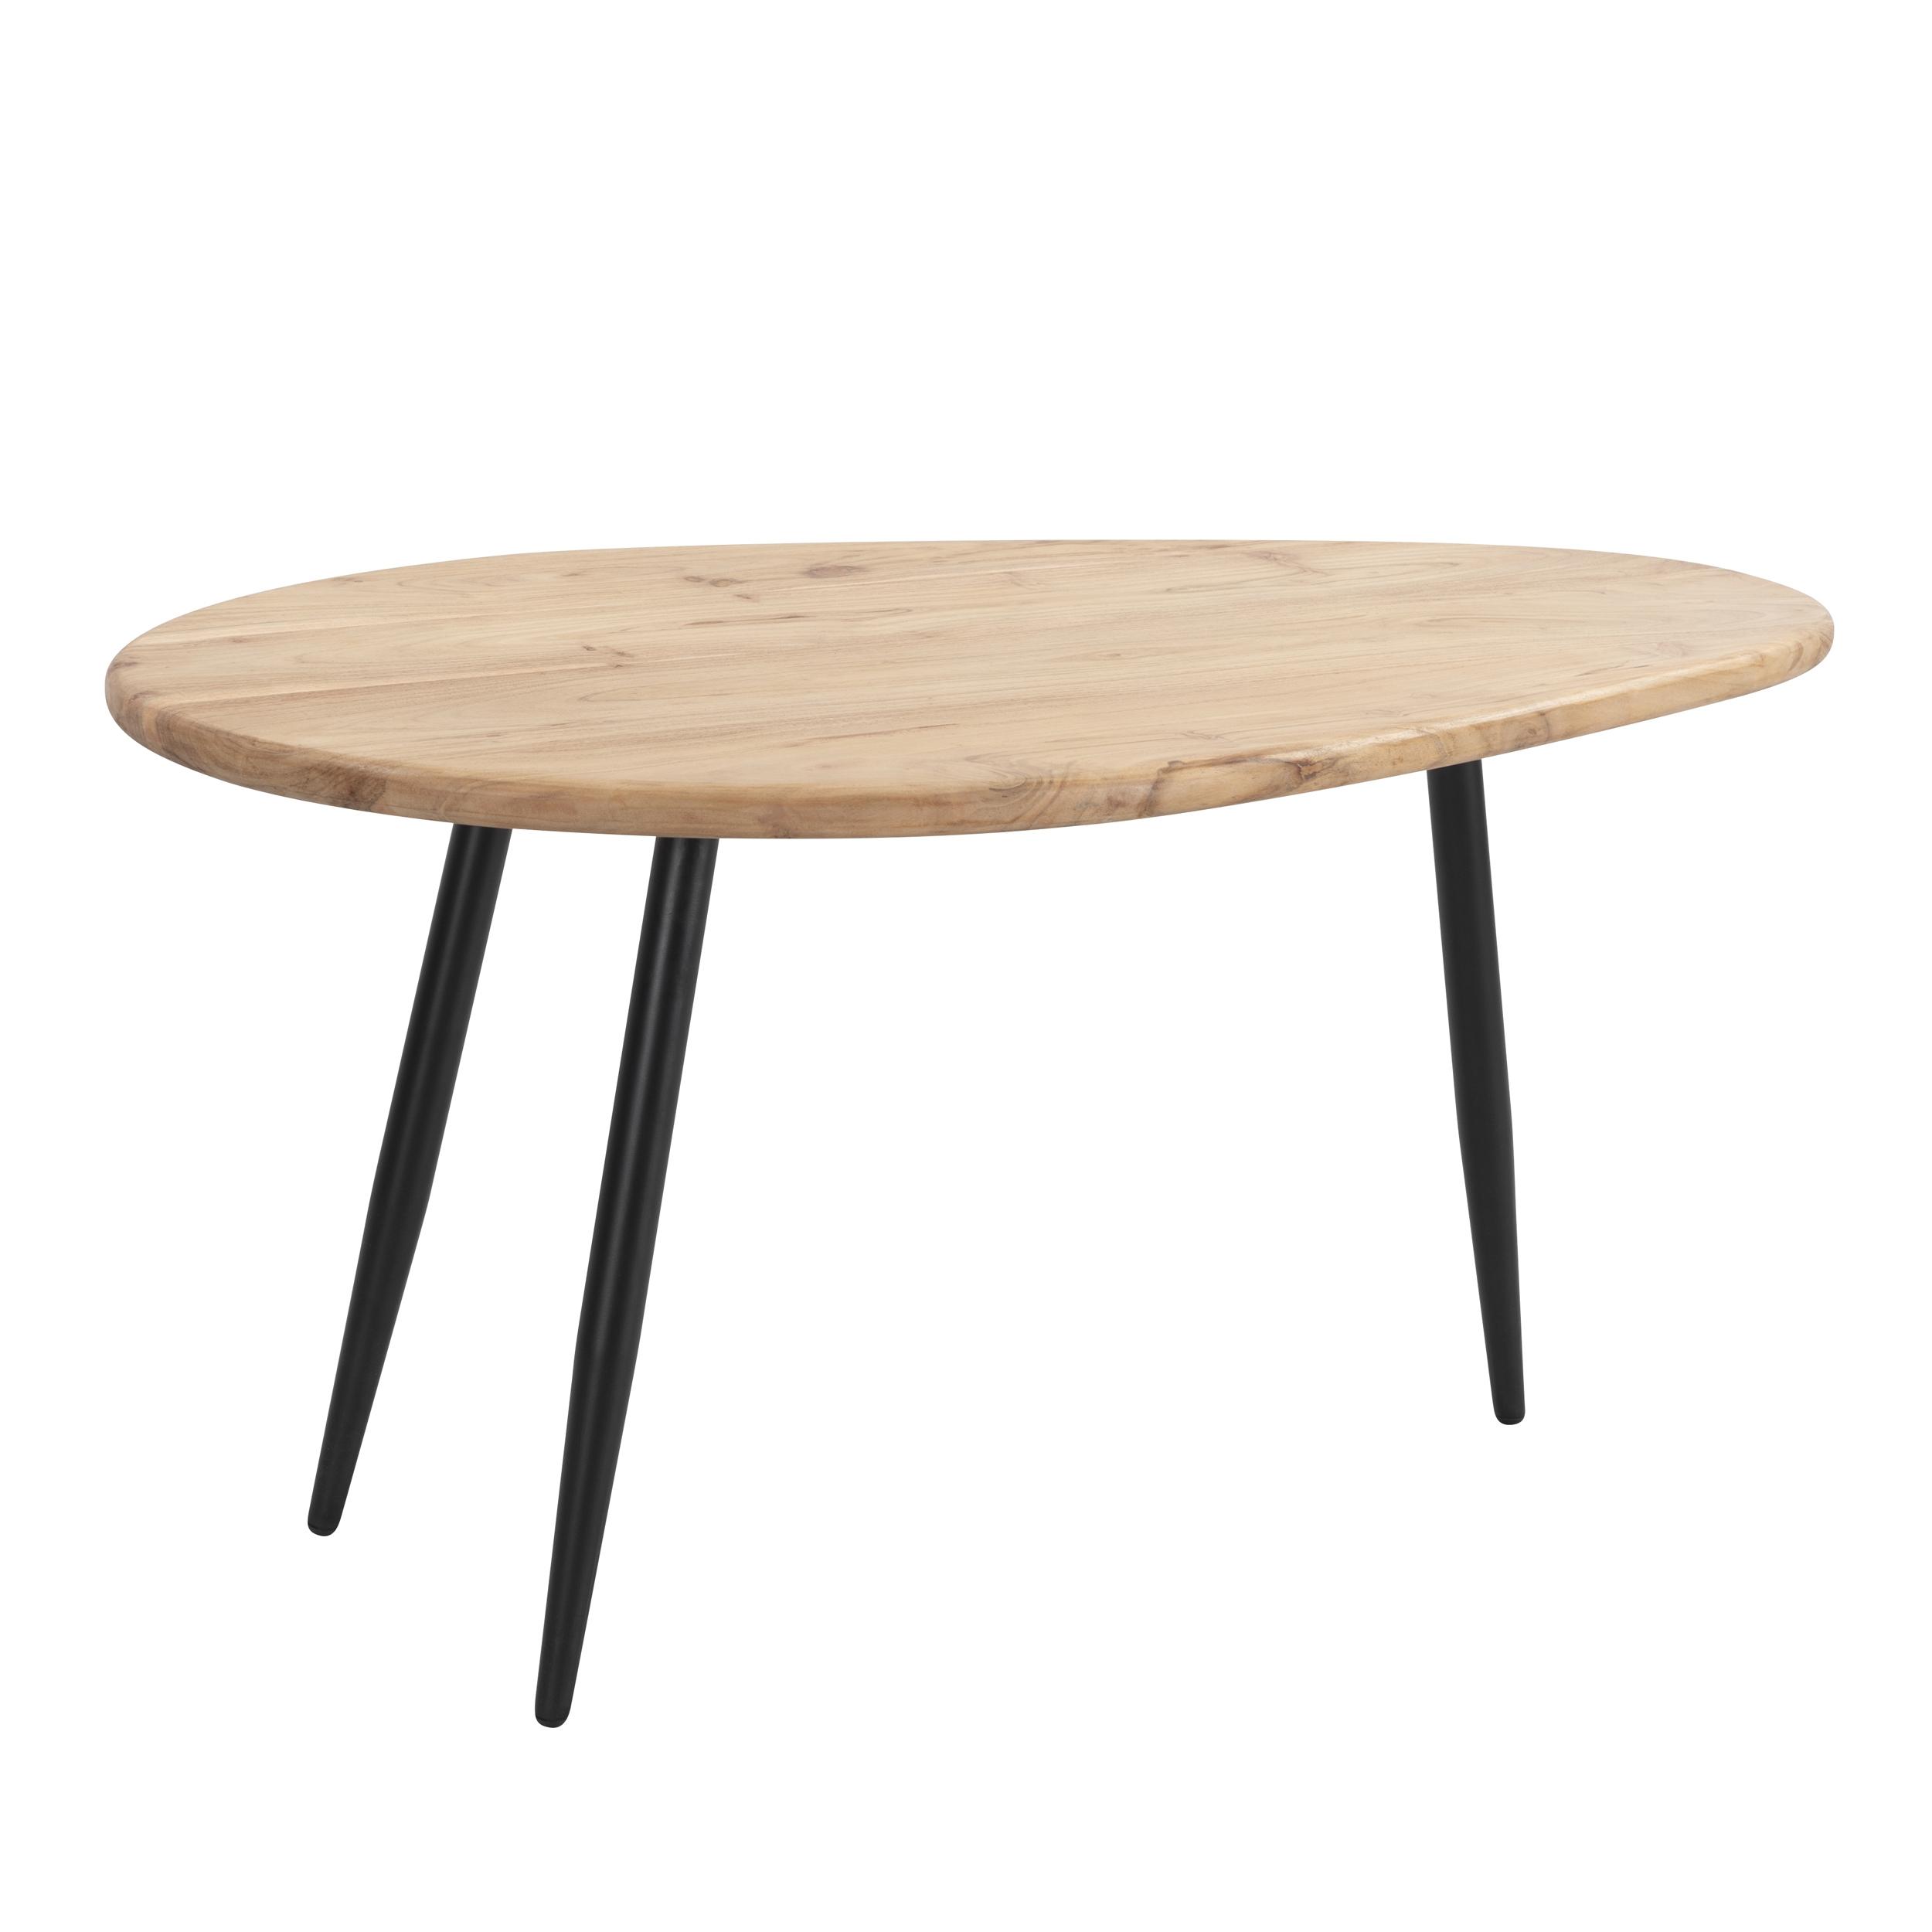 maison du monde Table basse ovale en bois d'acacia